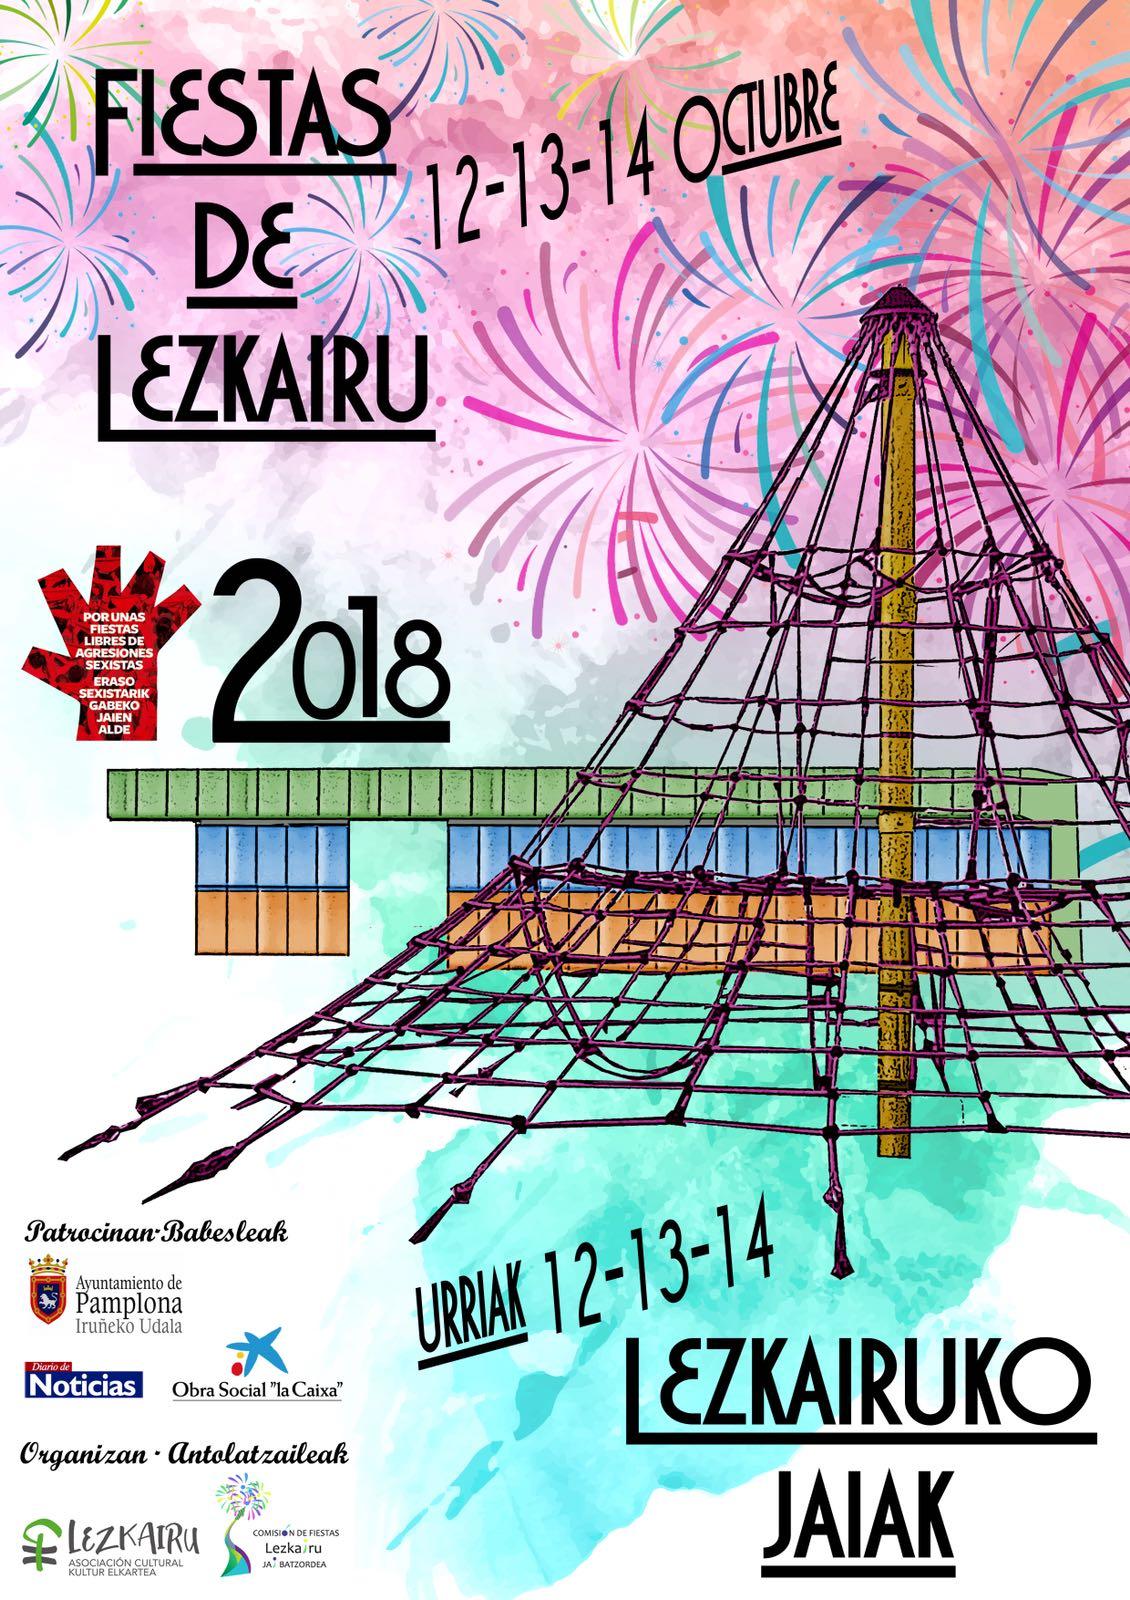 Nota de prensa de la Asociación Cultural Lezkairu (ACL)